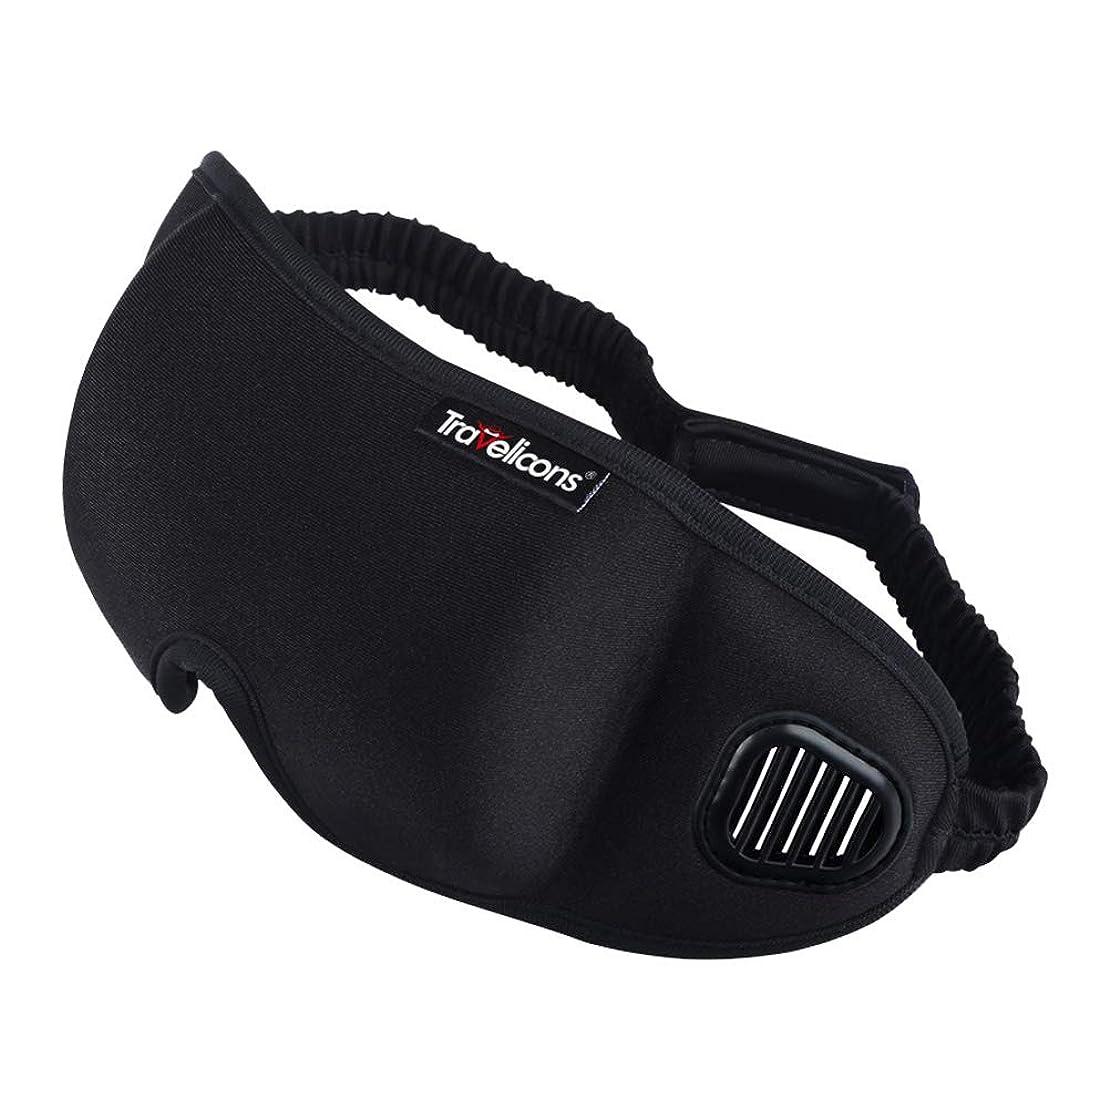 シンボルどれか等価SUPVOX 男性と女性のための3Dスリープアイマスク(耳栓のない黒)